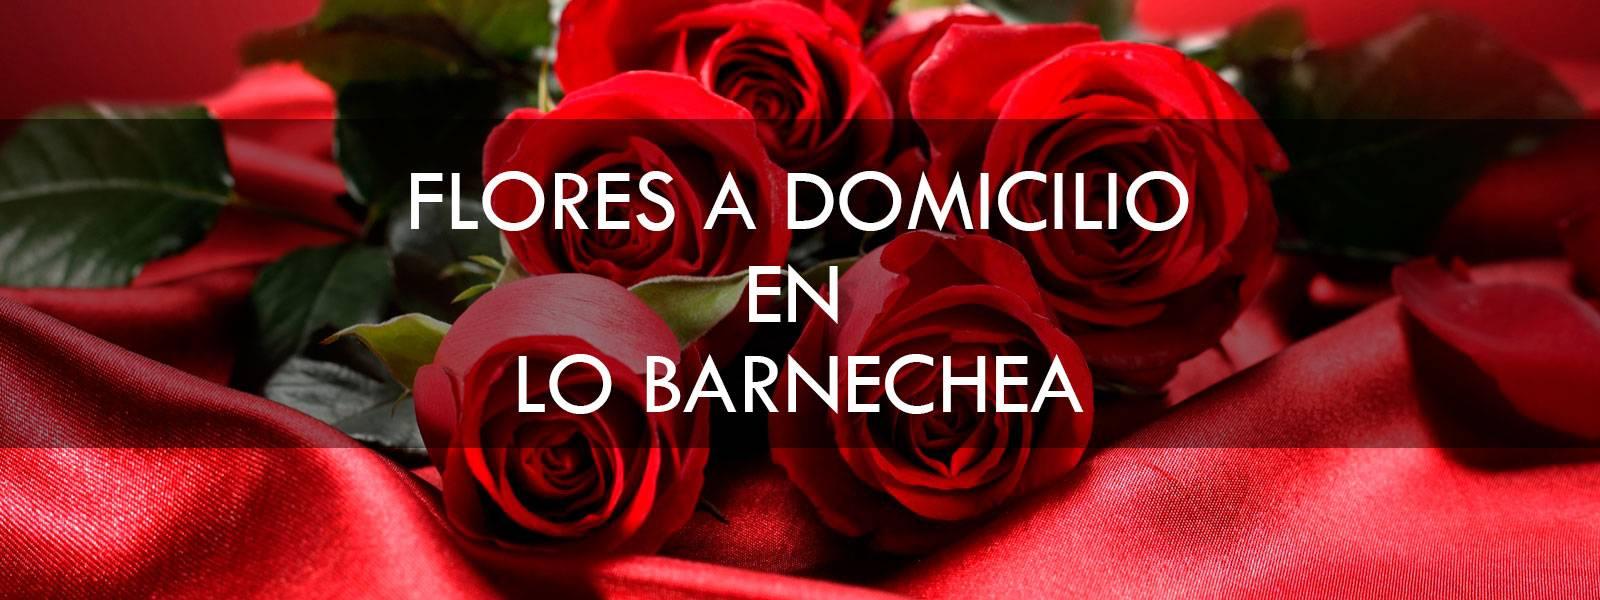 Flores a domicilio en Lo Barnechea